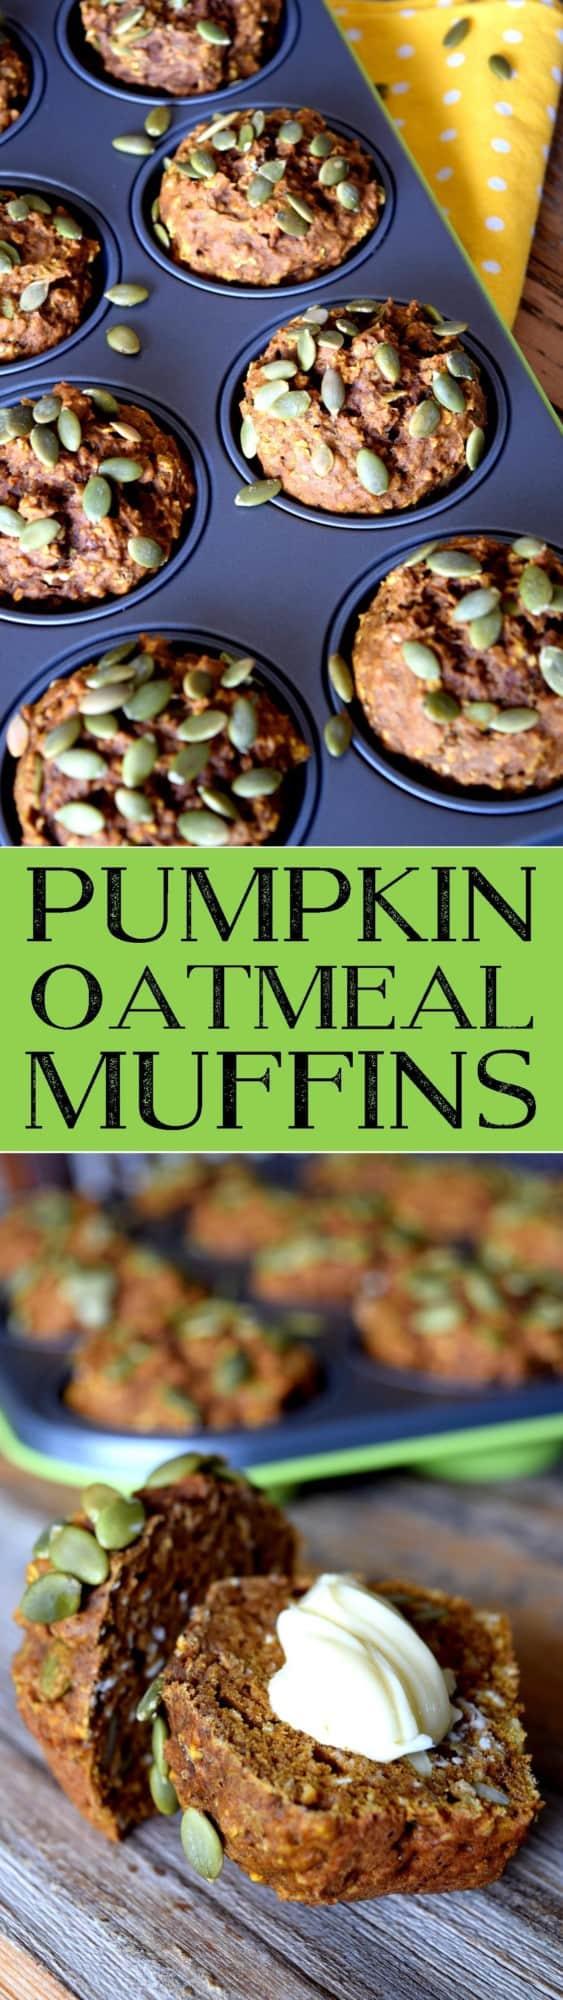 pumpkin-oatmeal-muffins